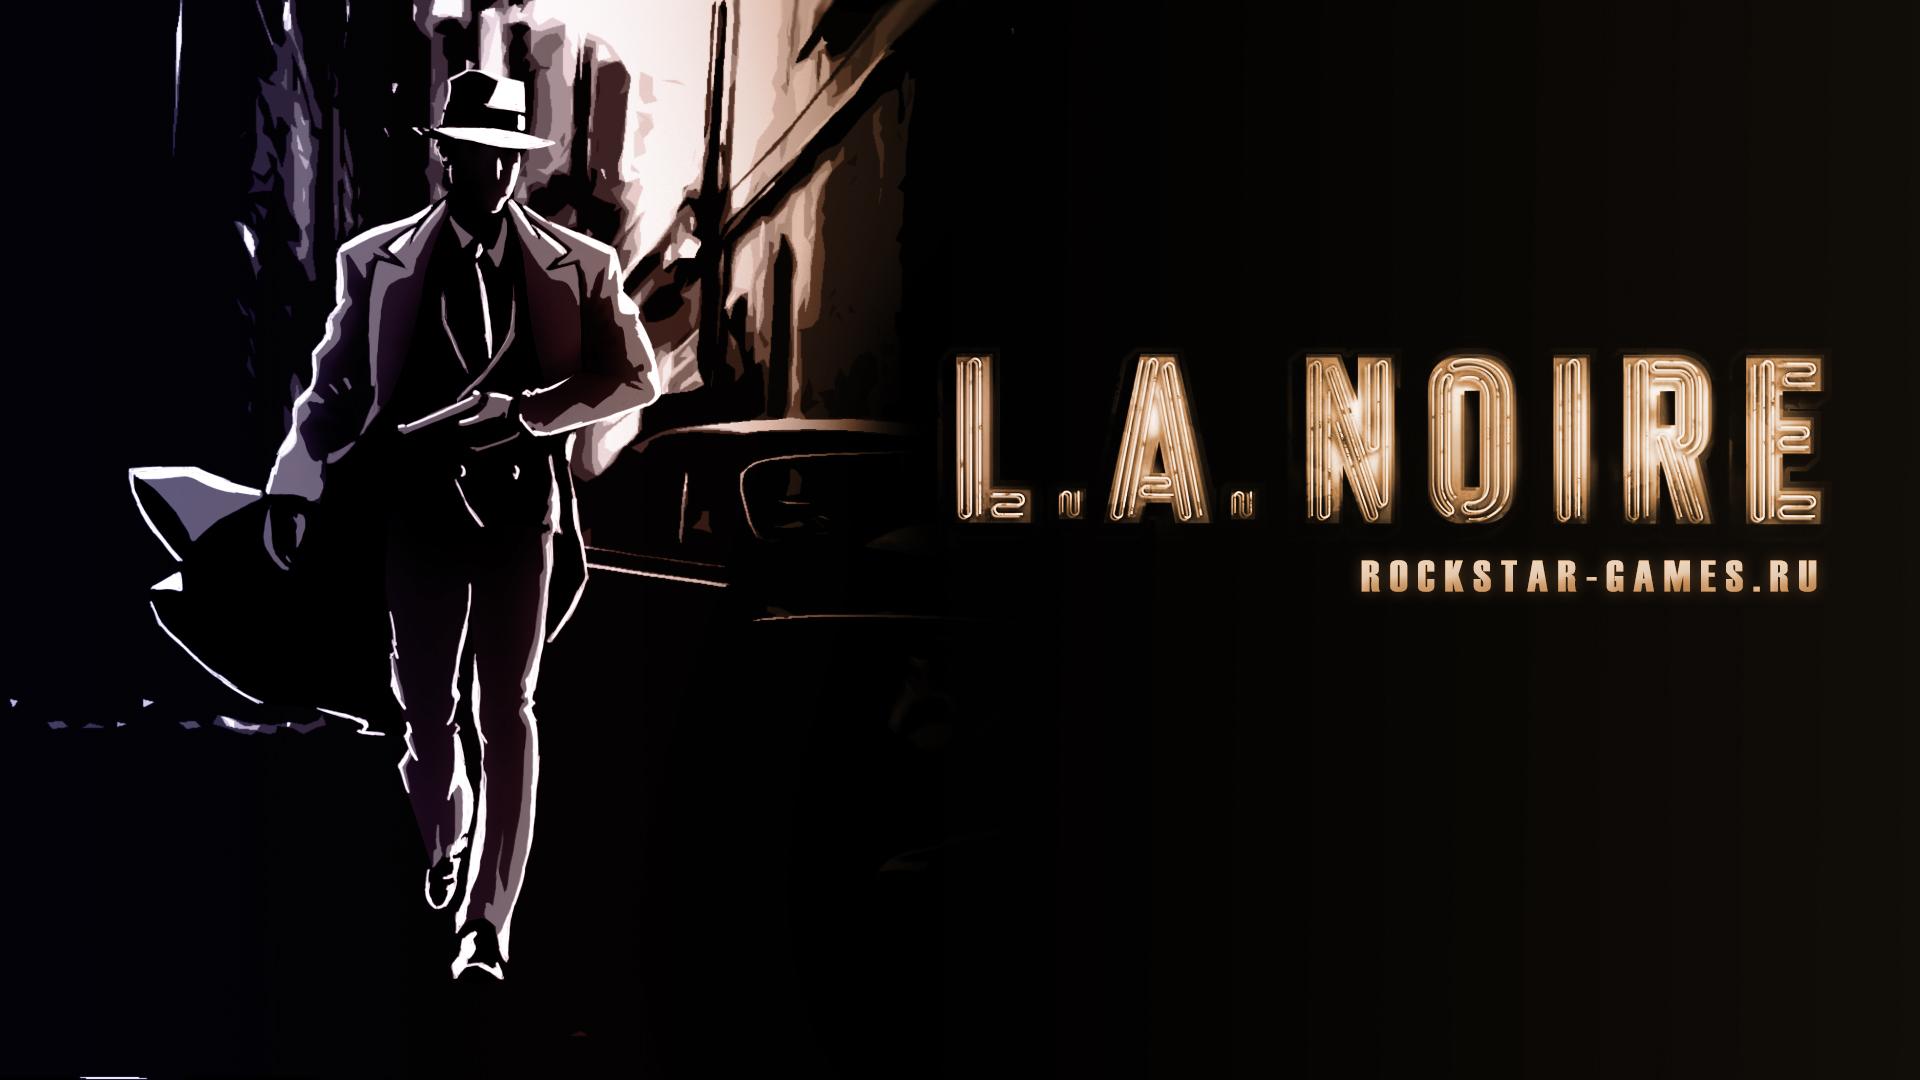 L.A. Noire by DizNot on DeviantArt